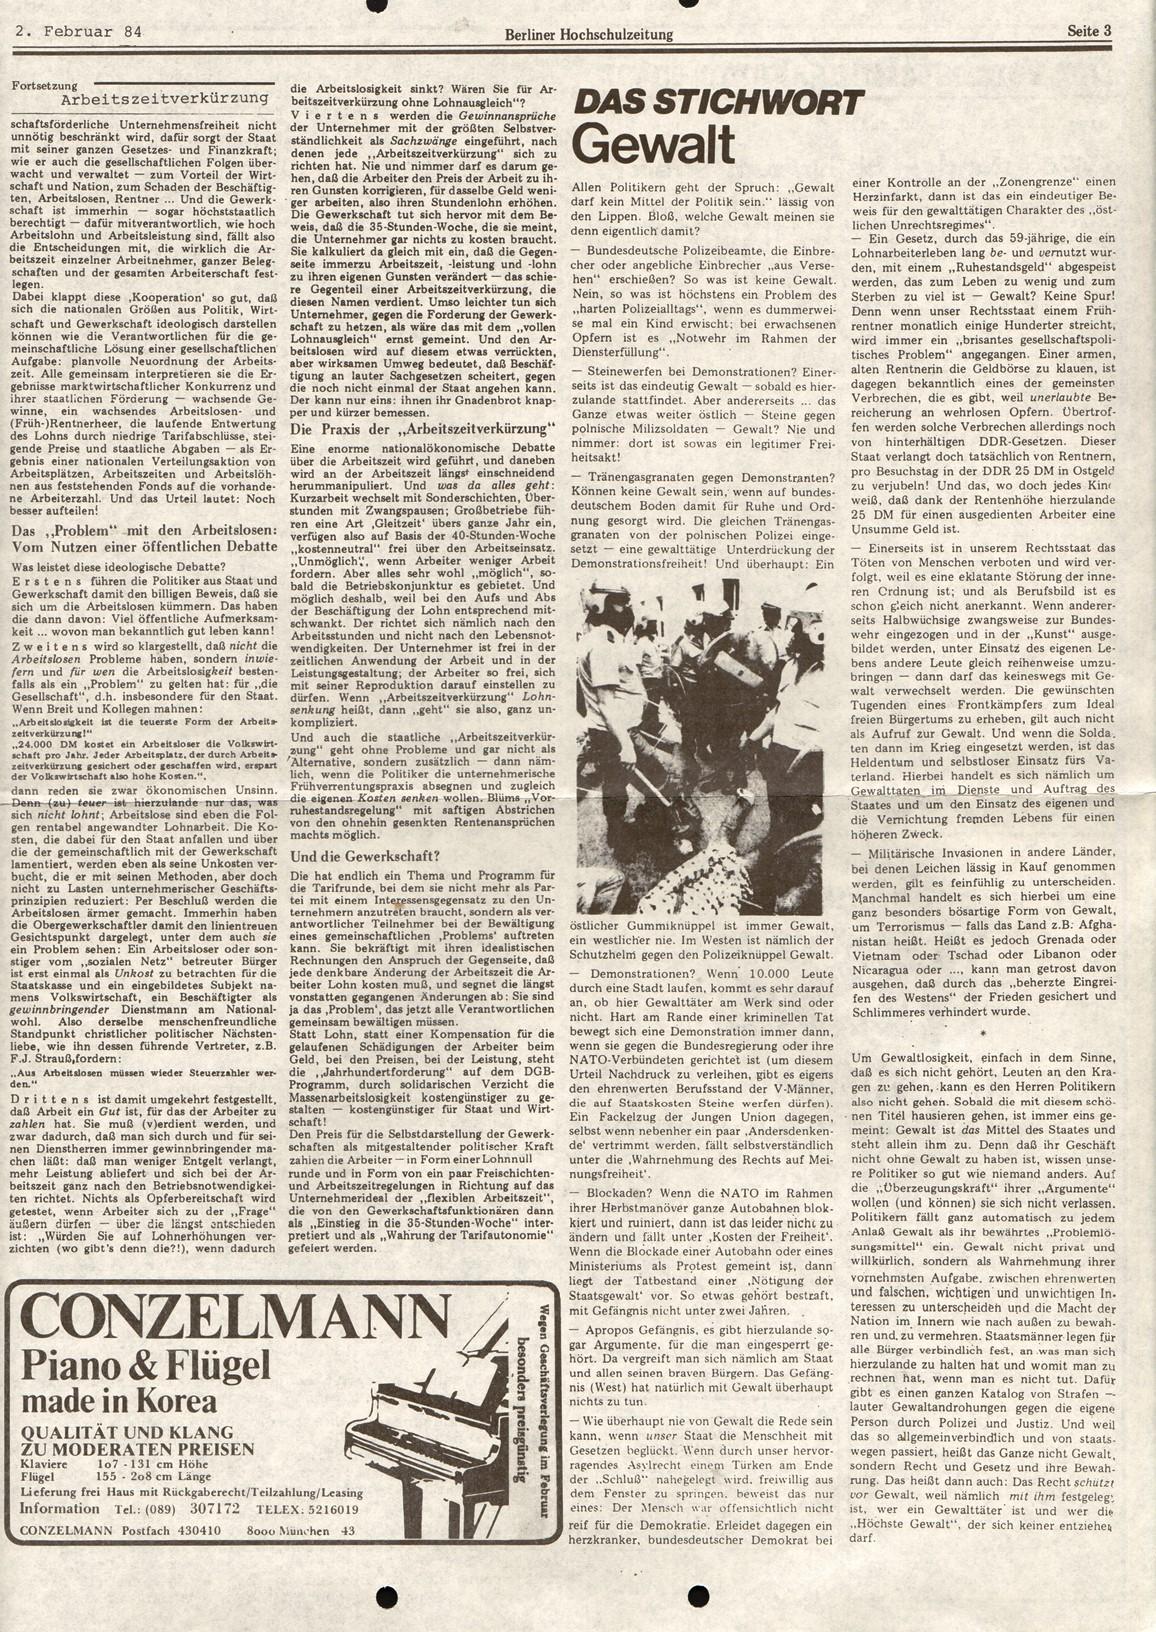 Berlin_MG_Hochschulzeitung_19840202_03